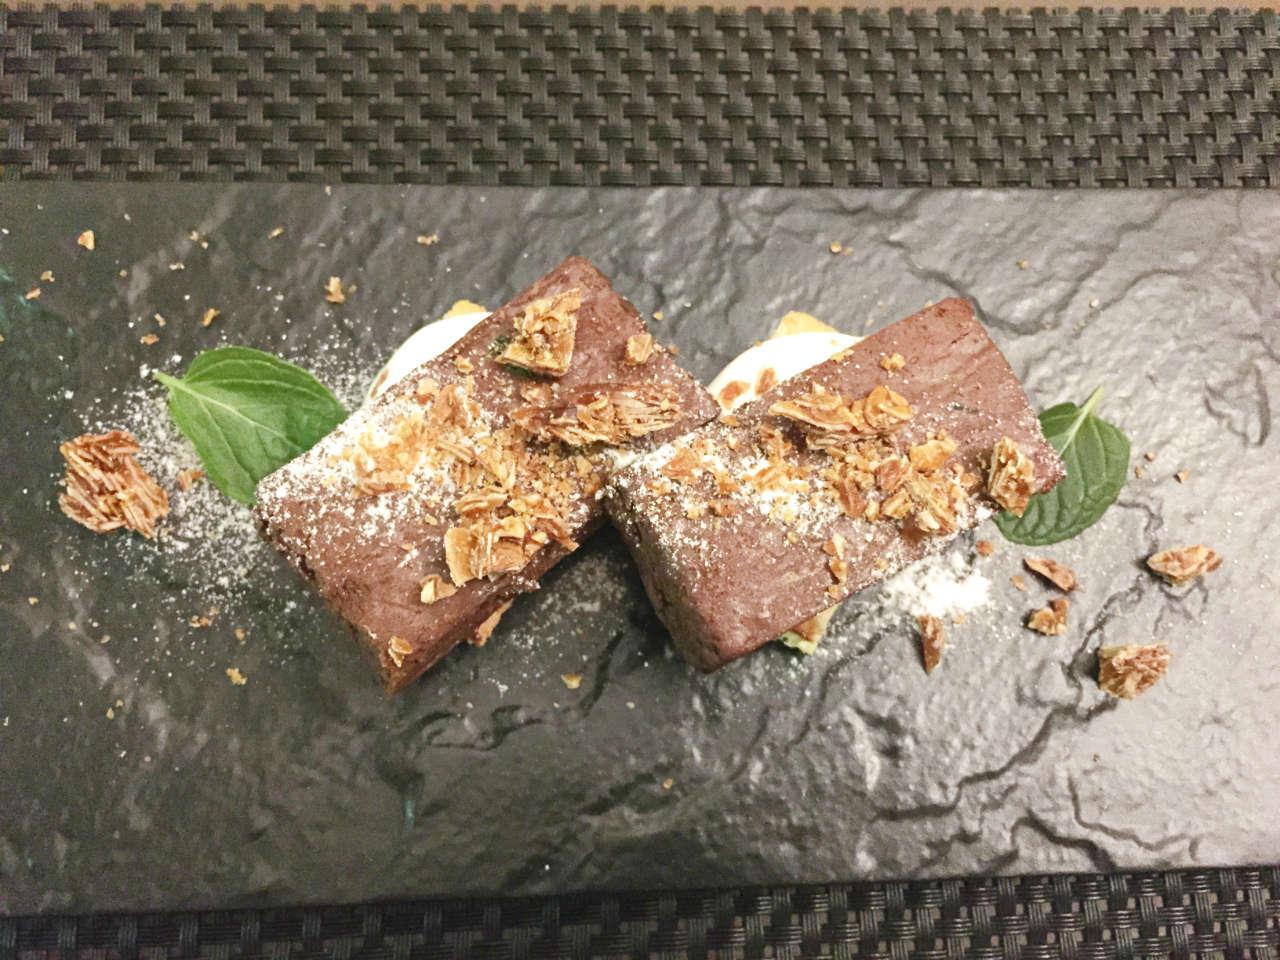 渋谷オーガスタスのテリーヌドショコラとスポンジケーキのラミントン風